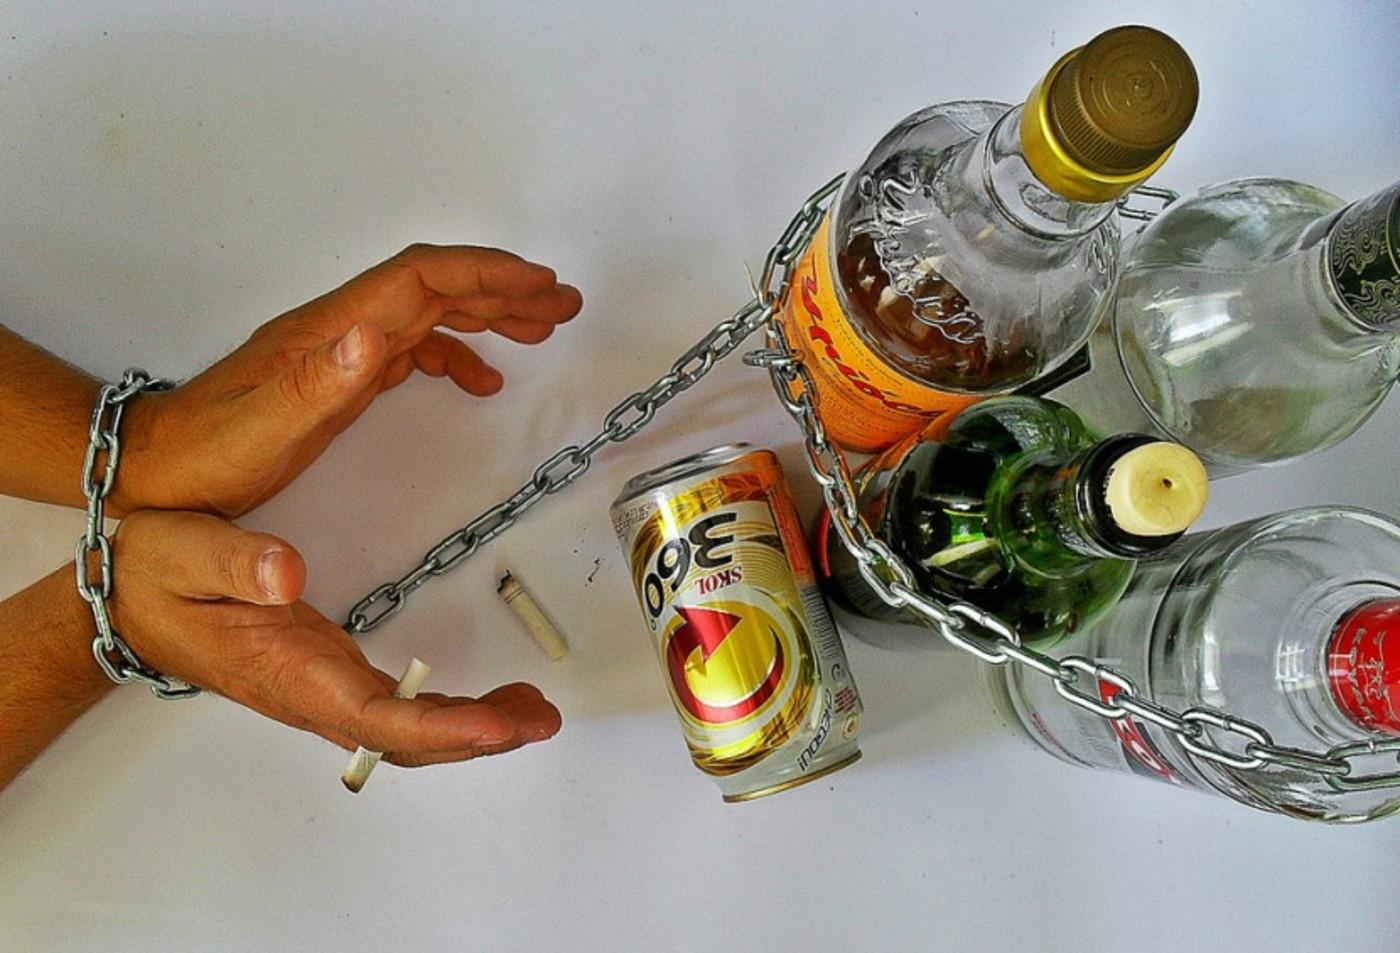 Цена раскодировки от алкоголя - Освобождение 44